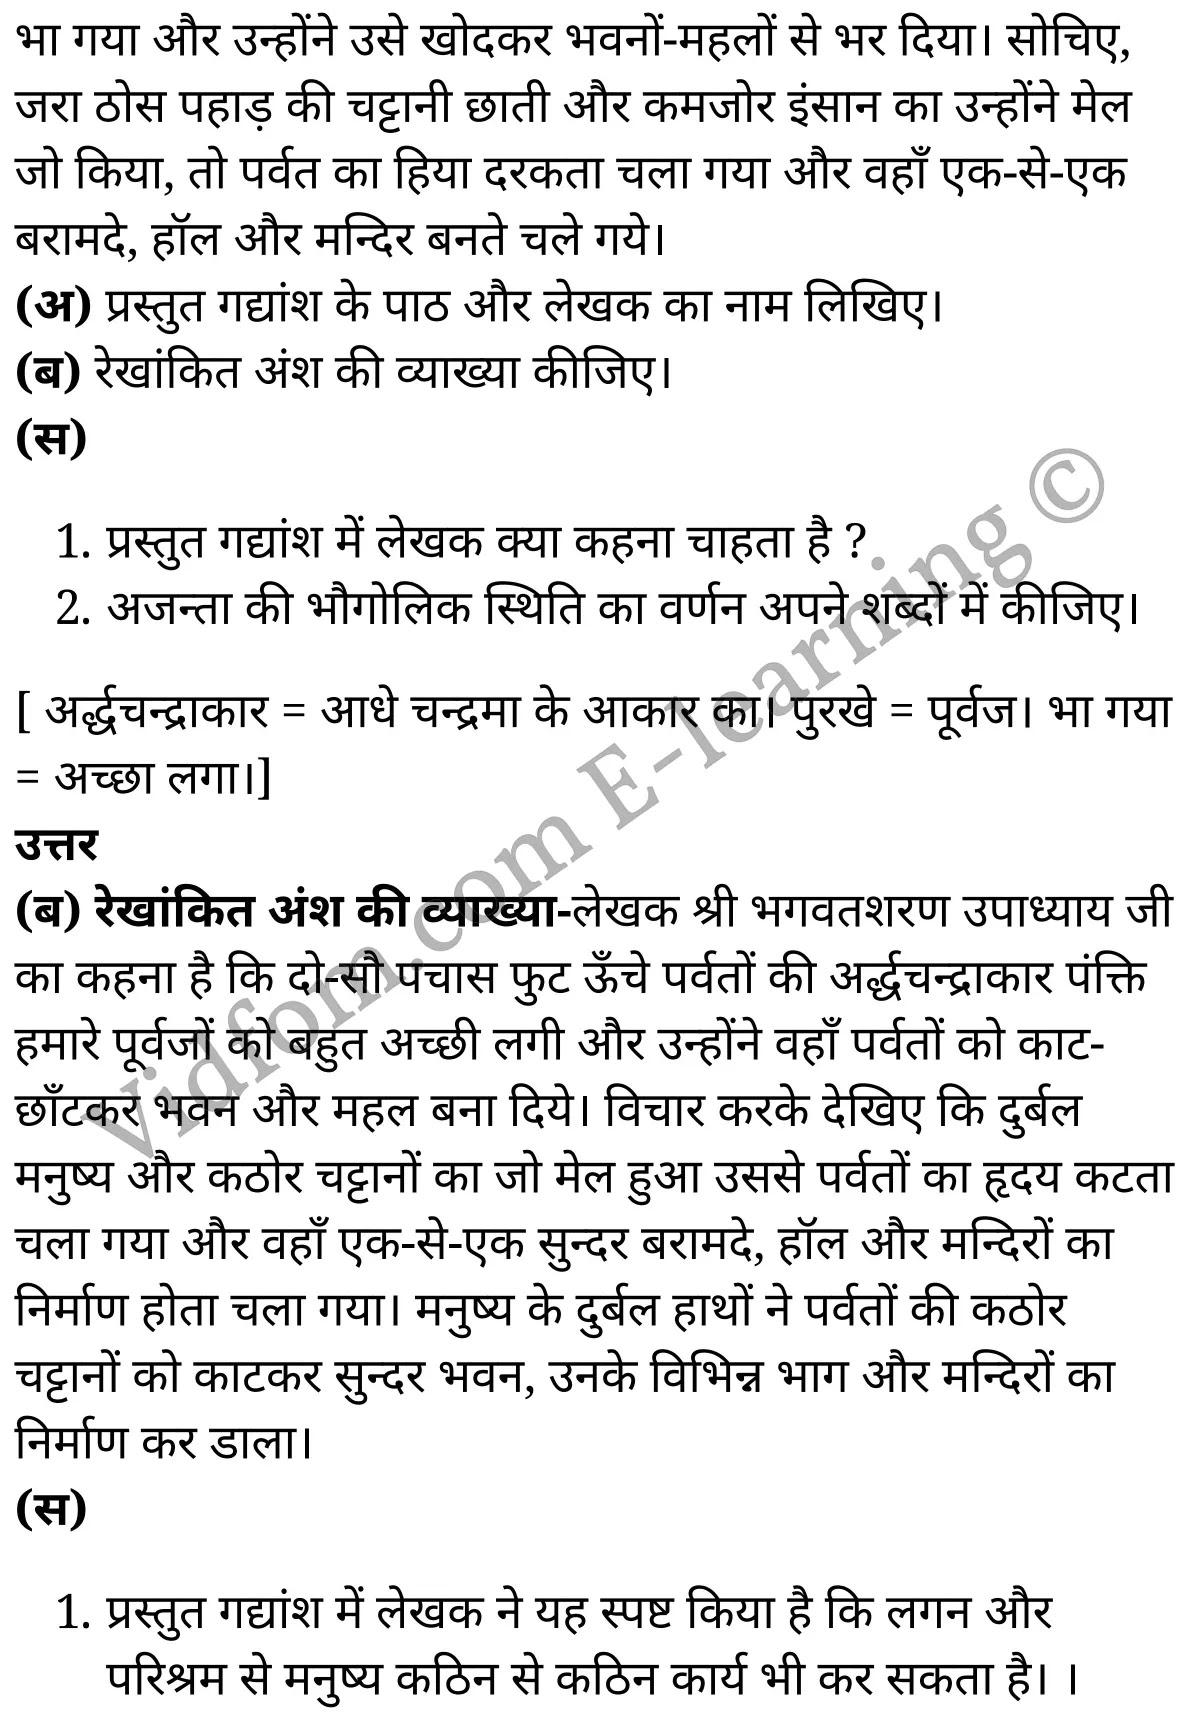 कक्षा 10 हिंदी  के नोट्स  हिंदी में एनसीईआरटी समाधान,     class 10 Hindi Gadya Chapter 6,   class 10 Hindi Gadya Chapter 6 ncert solutions in Hindi,   class 10 Hindi Gadya Chapter 6 notes in hindi,   class 10 Hindi Gadya Chapter 6 question answer,   class 10 Hindi Gadya Chapter 6 notes,   class 10 Hindi Gadya Chapter 6 class 10 Hindi Gadya Chapter 6 in  hindi,    class 10 Hindi Gadya Chapter 6 important questions in  hindi,   class 10 Hindi Gadya Chapter 6 notes in hindi,    class 10 Hindi Gadya Chapter 6 test,   class 10 Hindi Gadya Chapter 6 pdf,   class 10 Hindi Gadya Chapter 6 notes pdf,   class 10 Hindi Gadya Chapter 6 exercise solutions,   class 10 Hindi Gadya Chapter 6 notes study rankers,   class 10 Hindi Gadya Chapter 6 notes,    class 10 Hindi Gadya Chapter 6  class 10  notes pdf,   class 10 Hindi Gadya Chapter 6 class 10  notes  ncert,   class 10 Hindi Gadya Chapter 6 class 10 pdf,   class 10 Hindi Gadya Chapter 6  book,   class 10 Hindi Gadya Chapter 6 quiz class 10  ,   कक्षा 10 अजन्ता,  कक्षा 10 अजन्ता  के नोट्स हिंदी में,  कक्षा 10 अजन्ता प्रश्न उत्तर,  कक्षा 10 अजन्ता के नोट्स,  10 कक्षा अजन्ता  हिंदी में, कक्षा 10 अजन्ता  हिंदी में,  कक्षा 10 अजन्ता  महत्वपूर्ण प्रश्न हिंदी में, कक्षा 10 हिंदी के नोट्स  हिंदी में, अजन्ता हिंदी में कक्षा 10 नोट्स pdf,    अजन्ता हिंदी में  कक्षा 10 नोट्स 2021 ncert,   अजन्ता हिंदी  कक्षा 10 pdf,   अजन्ता हिंदी में  पुस्तक,   अजन्ता हिंदी में की बुक,   अजन्ता हिंदी में  प्रश्नोत्तरी class 10 ,  10   वीं अजन्ता  पुस्तक up board,   बिहार बोर्ड 10  पुस्तक वीं अजन्ता नोट्स,    अजन्ता  कक्षा 10 नोट्स 2021 ncert,   अजन्ता  कक्षा 10 pdf,   अजन्ता  पुस्तक,   अजन्ता की बुक,   अजन्ता प्रश्नोत्तरी class 10,   10  th class 10 Hindi Gadya Chapter 6  book up board,   up board 10  th class 10 Hindi Gadya Chapter 6 notes,  class 10 Hindi,   class 10 Hindi ncert solutions in Hindi,   class 10 Hindi notes in hindi,   class 10 Hindi question answer,   class 10 Hindi notes,  class 10 Hindi class 10 Hindi Gadya Chapter 6 in  hindi,    clas